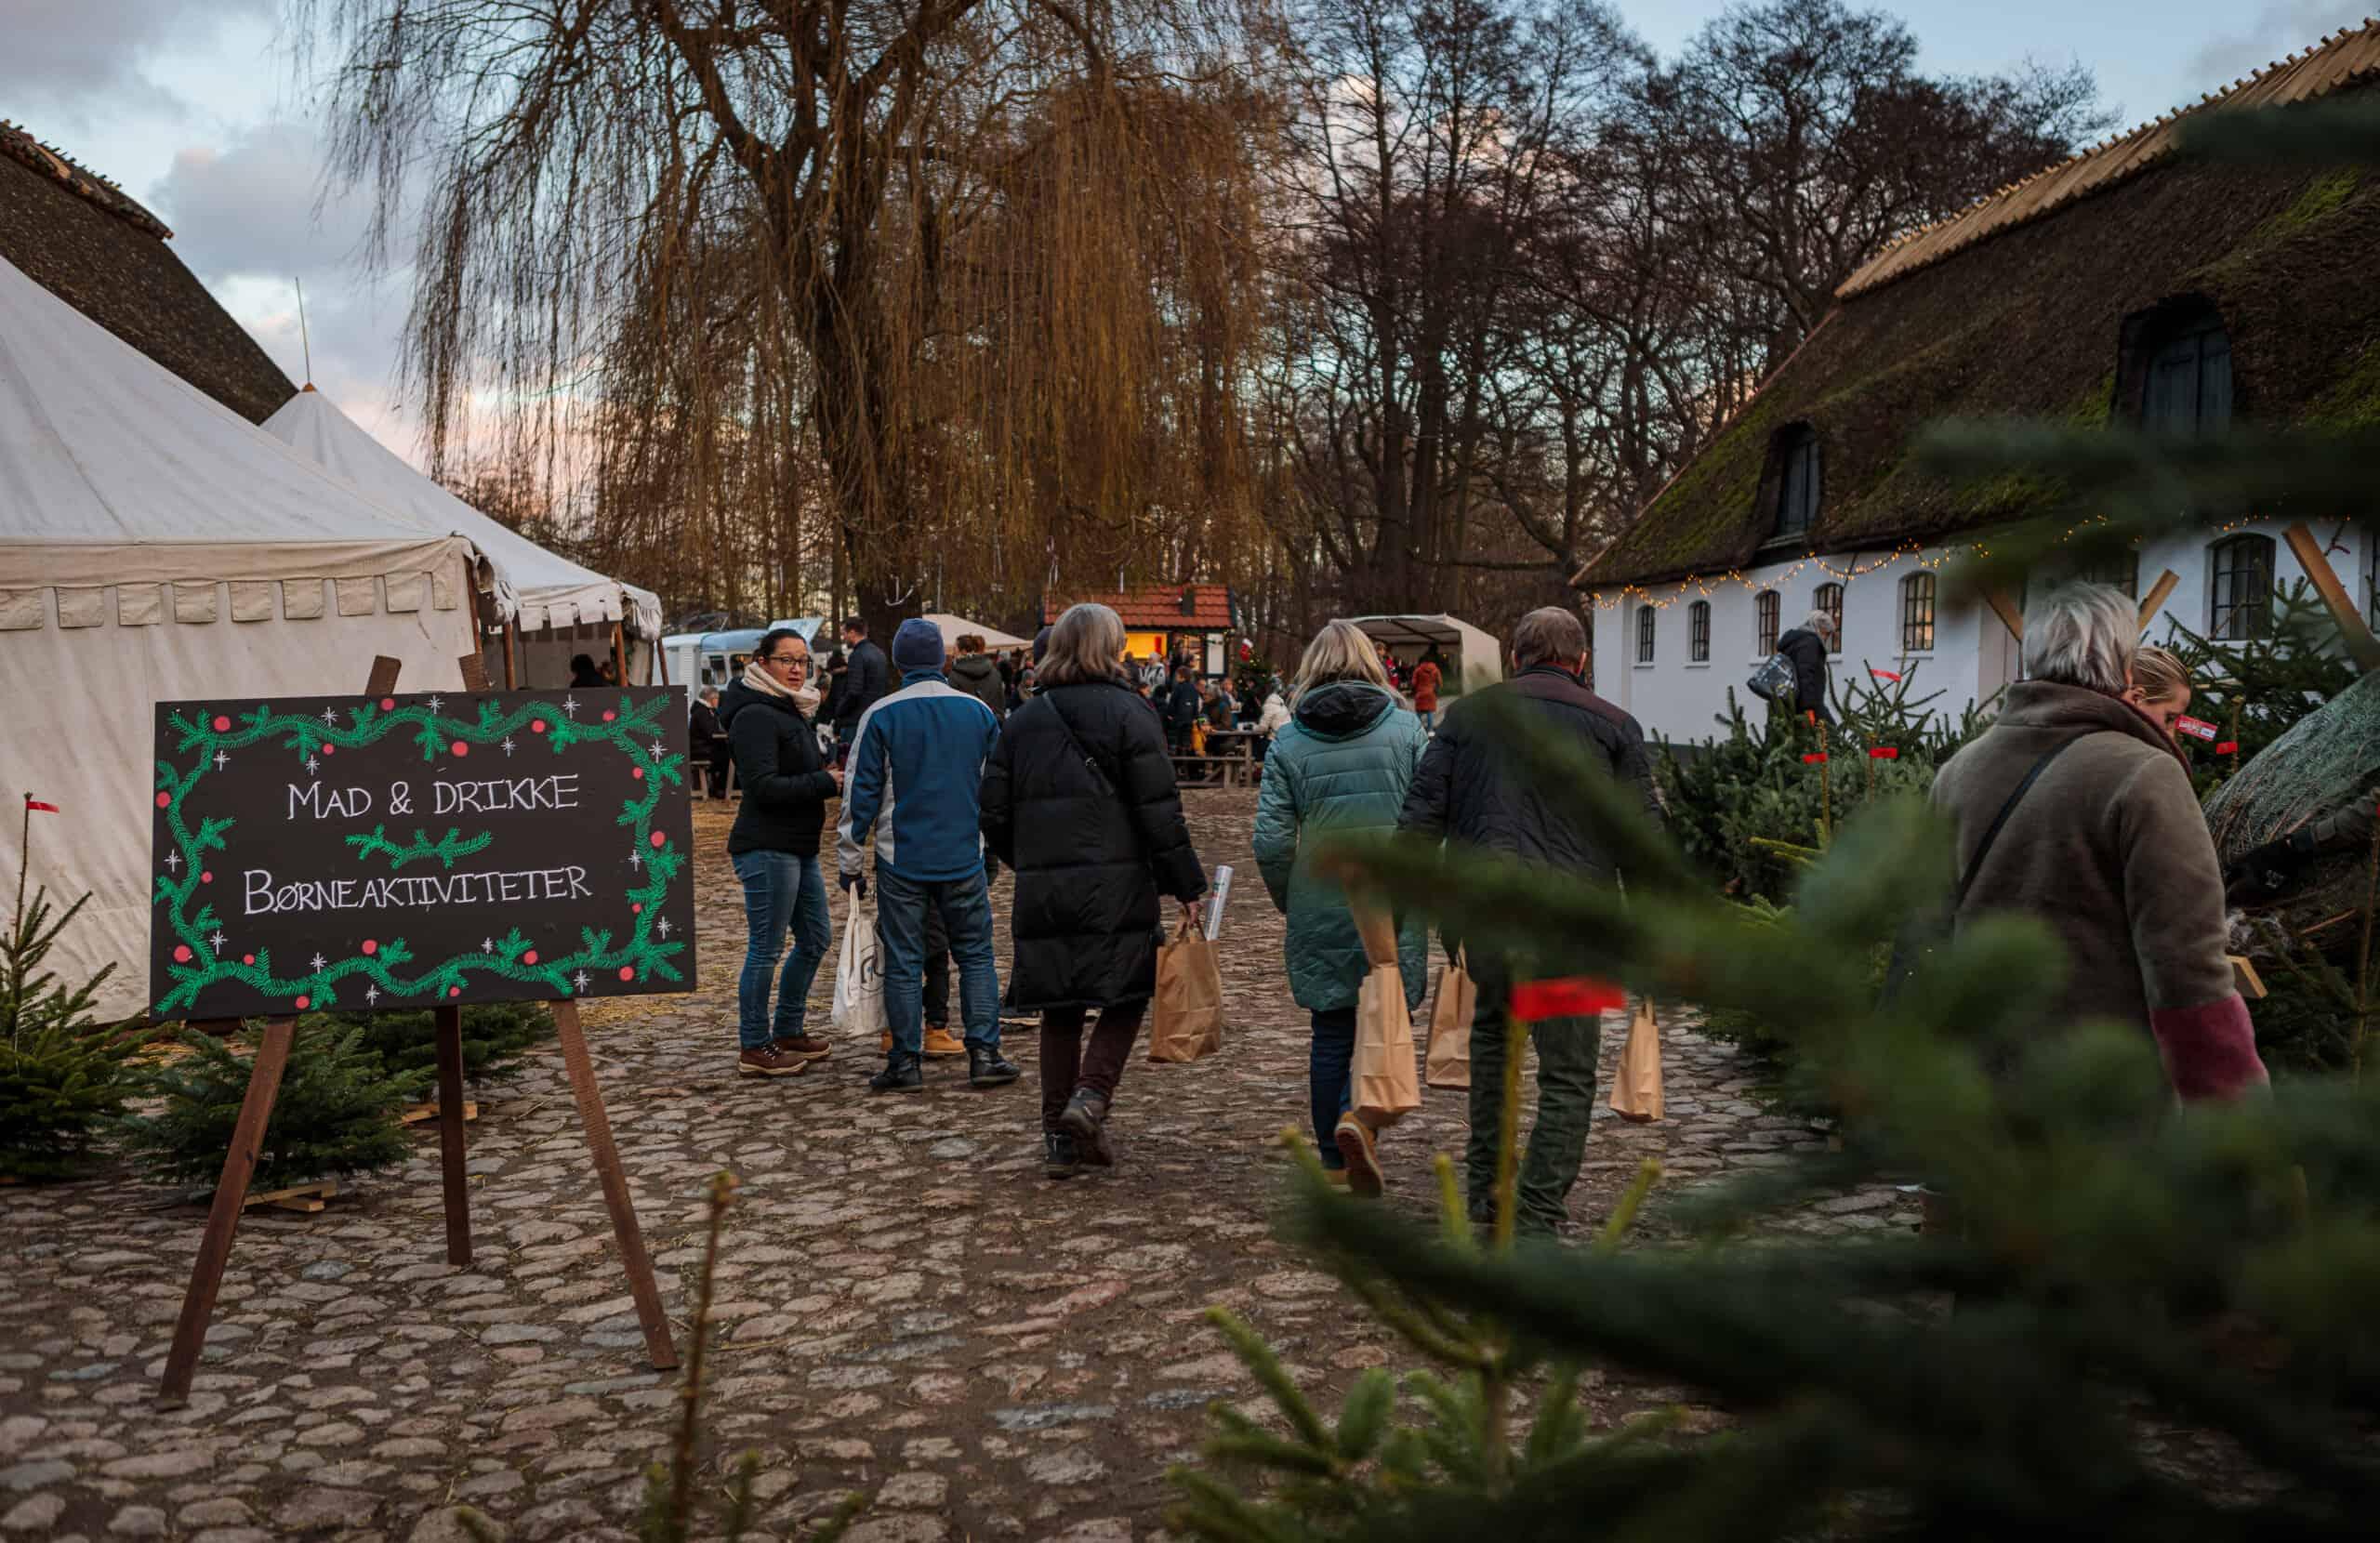 Weihnachtsmarkt in Dänemark